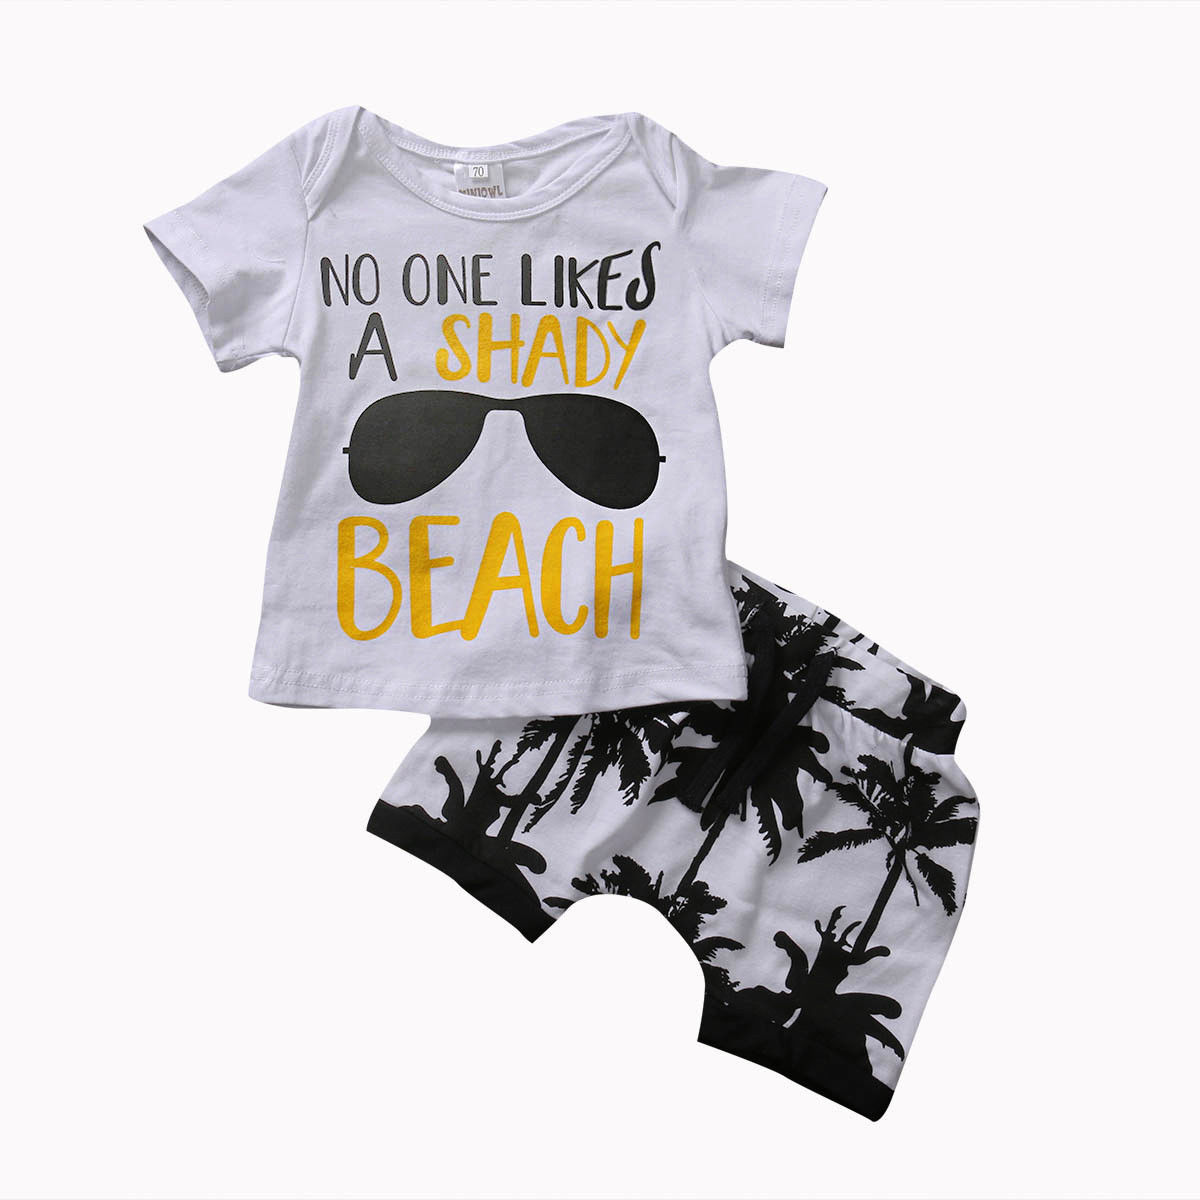 Лето 2017 г., комплект одежды из 2 предметов для новорожденных мальчиков, футболка Топ + кокосовые шорты с рисунком деревьев, комплект одежды, От 0 до 3 лет